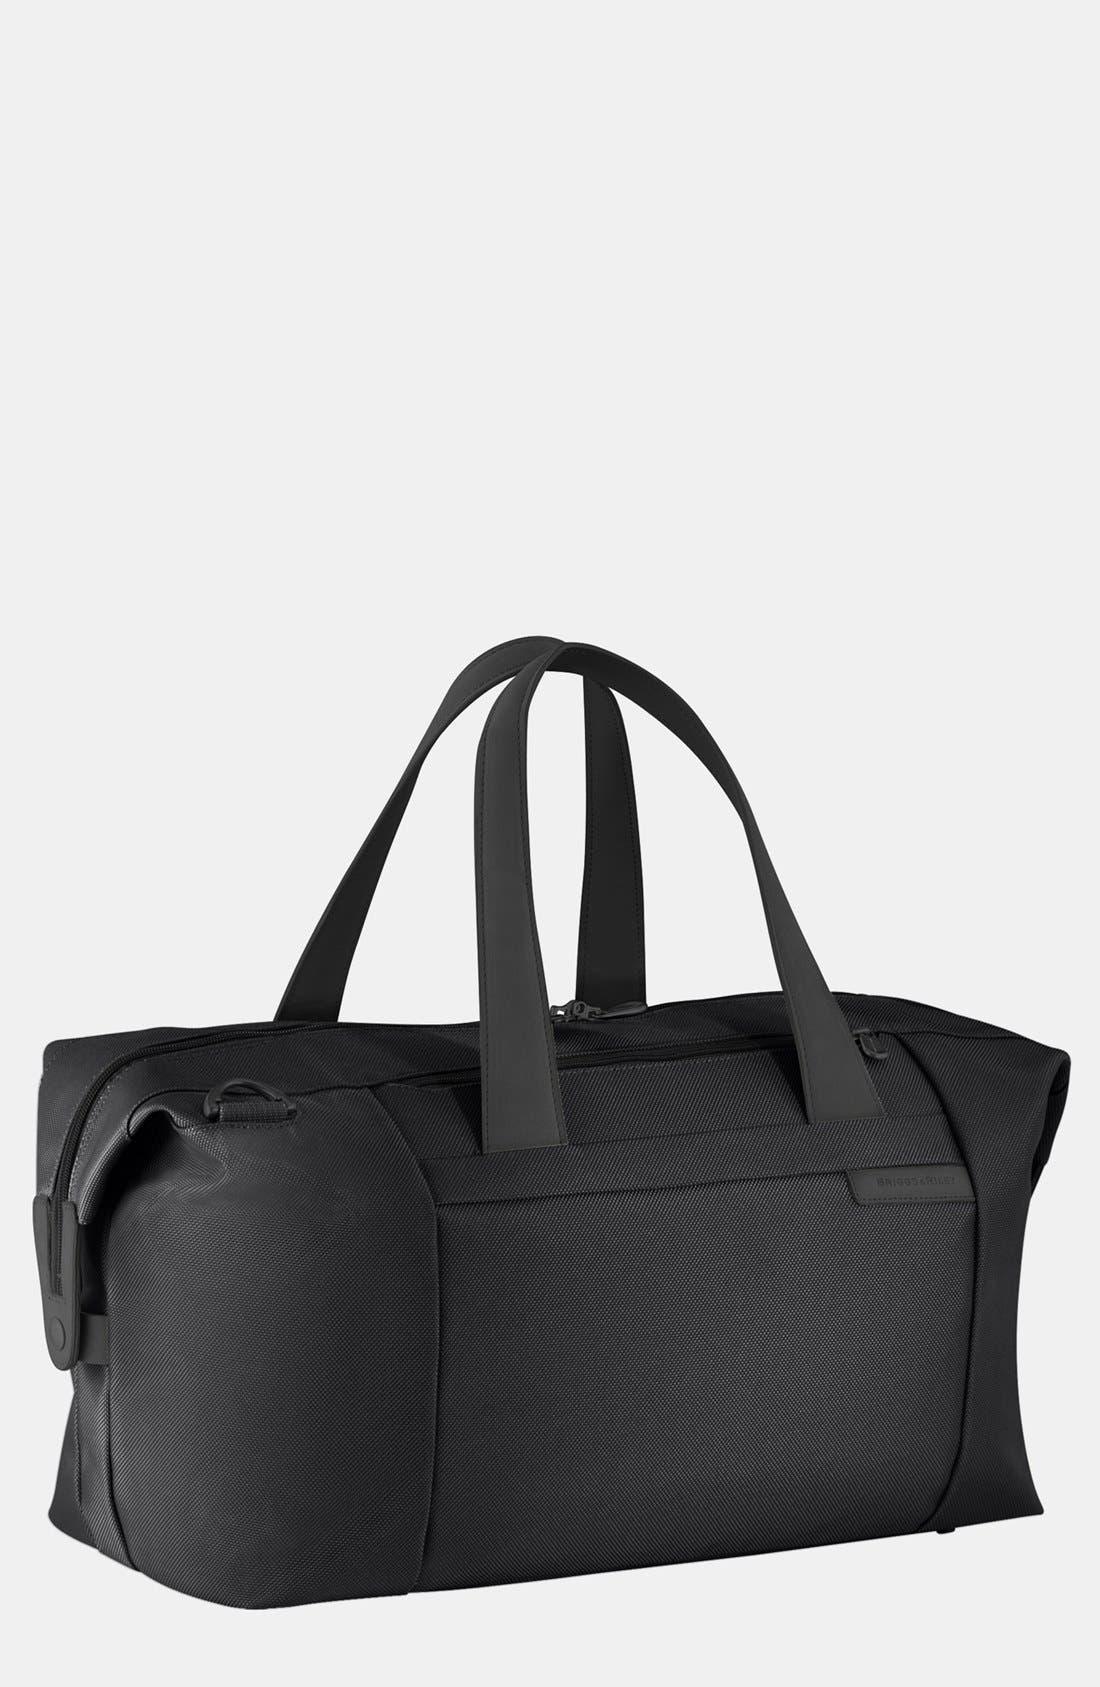 'Baseline' Duffel Bag,                             Main thumbnail 1, color,                             001